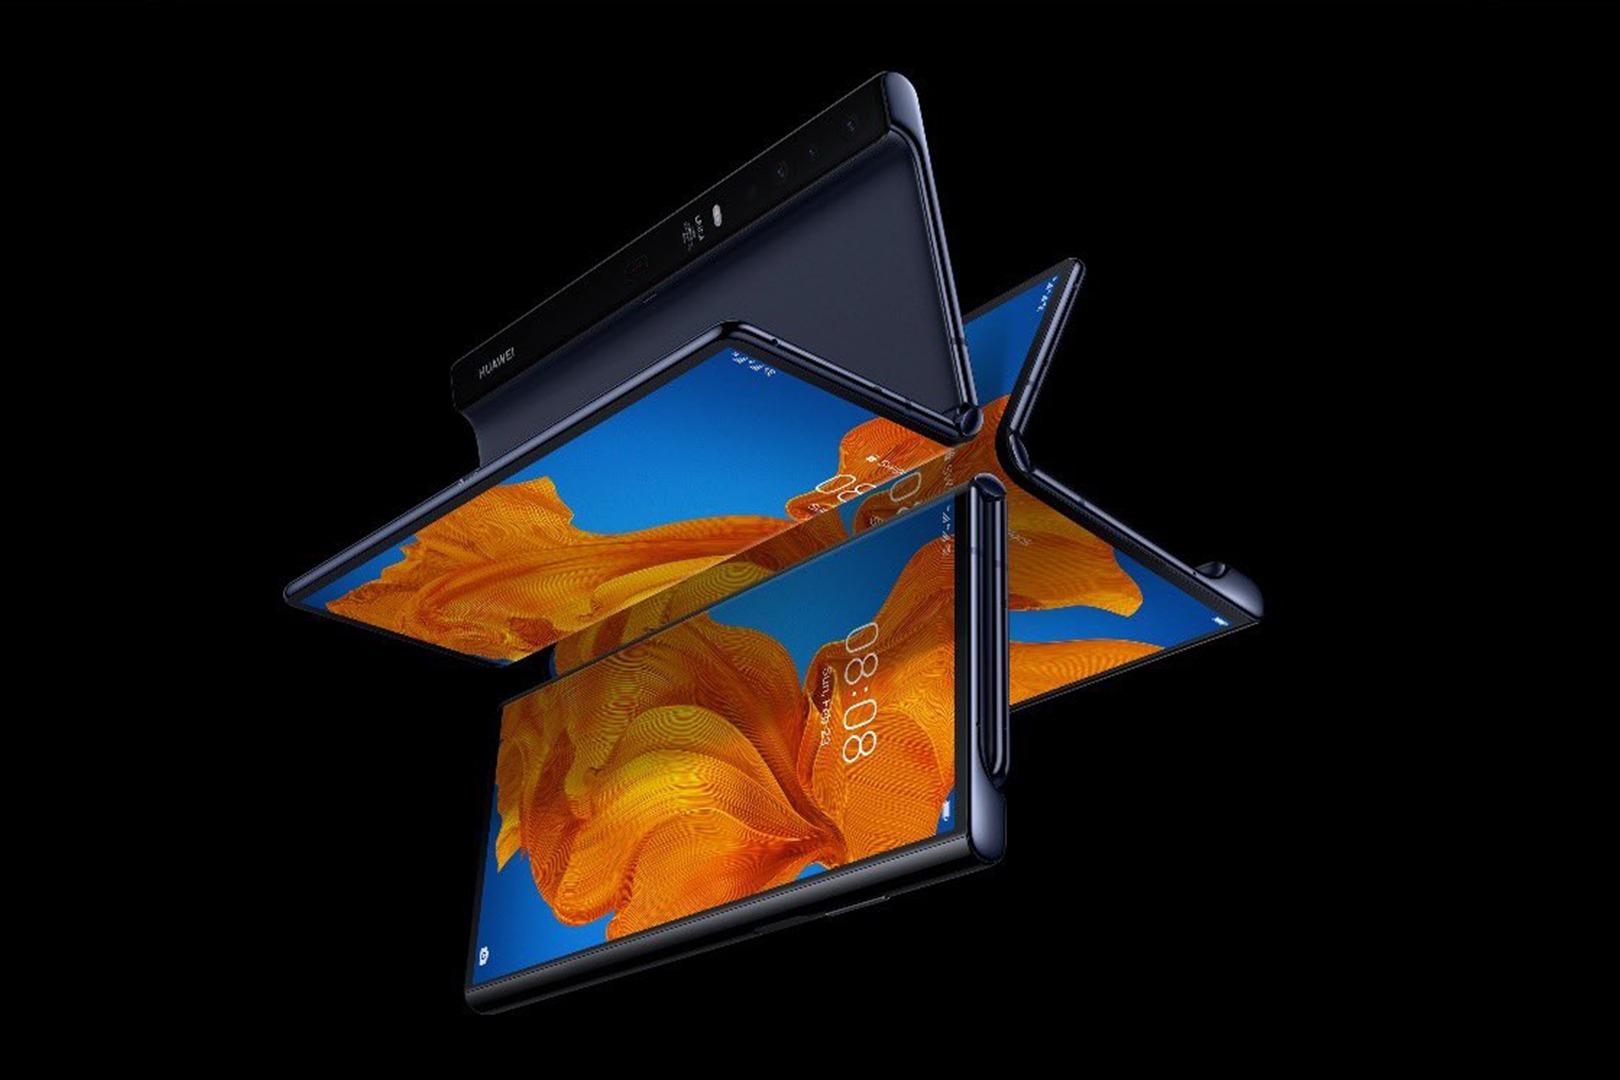 华为MateXs折叠屏手机国行价格公布;黑鲨3安兔兔跑分突破62万